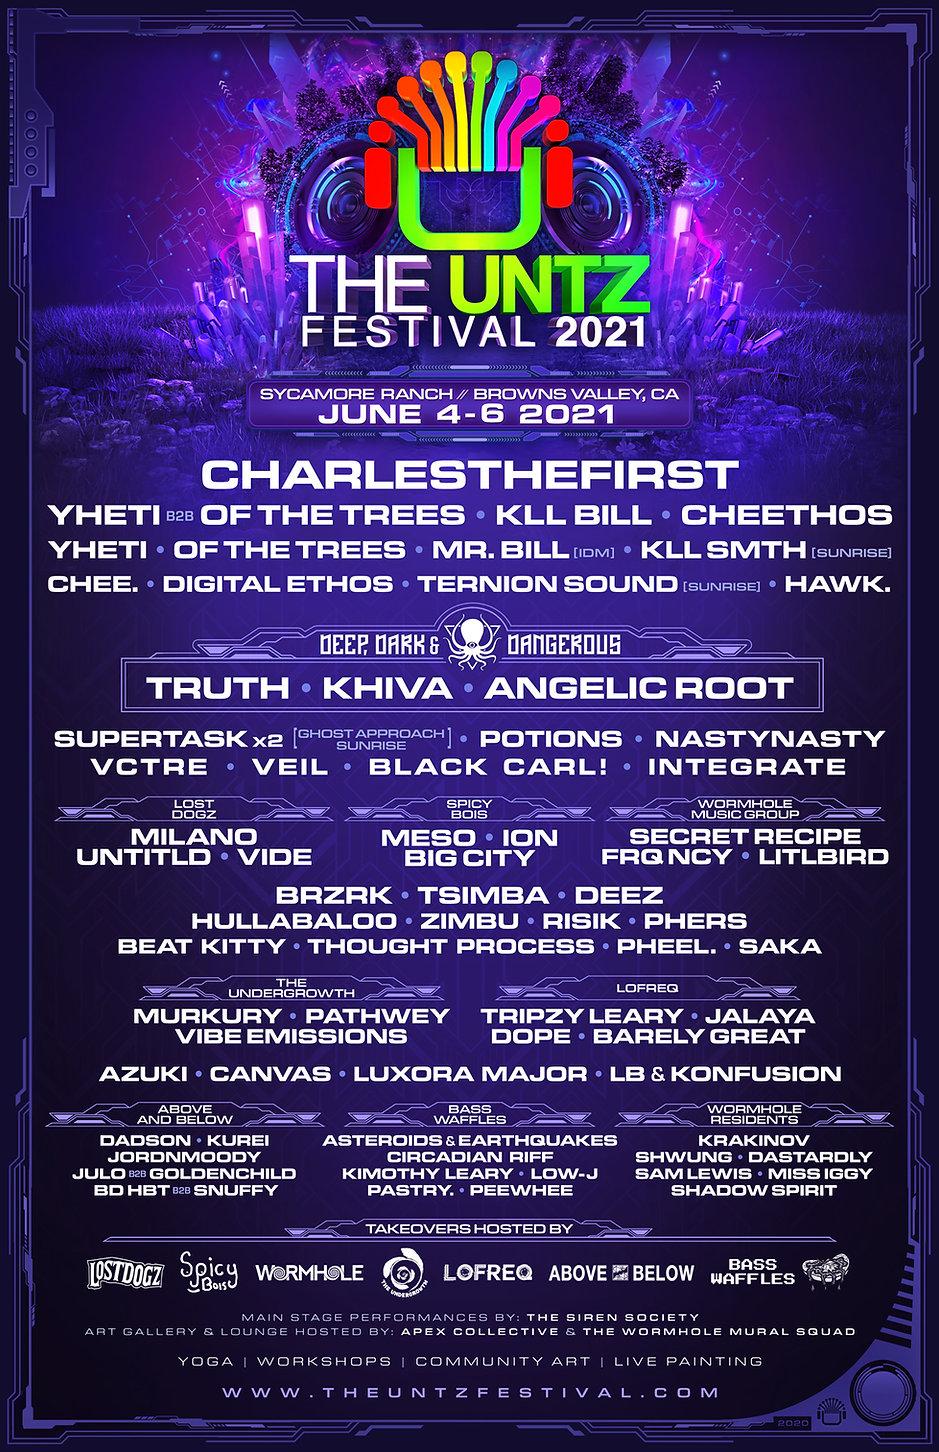 The Untz Festival 2021 Lineup